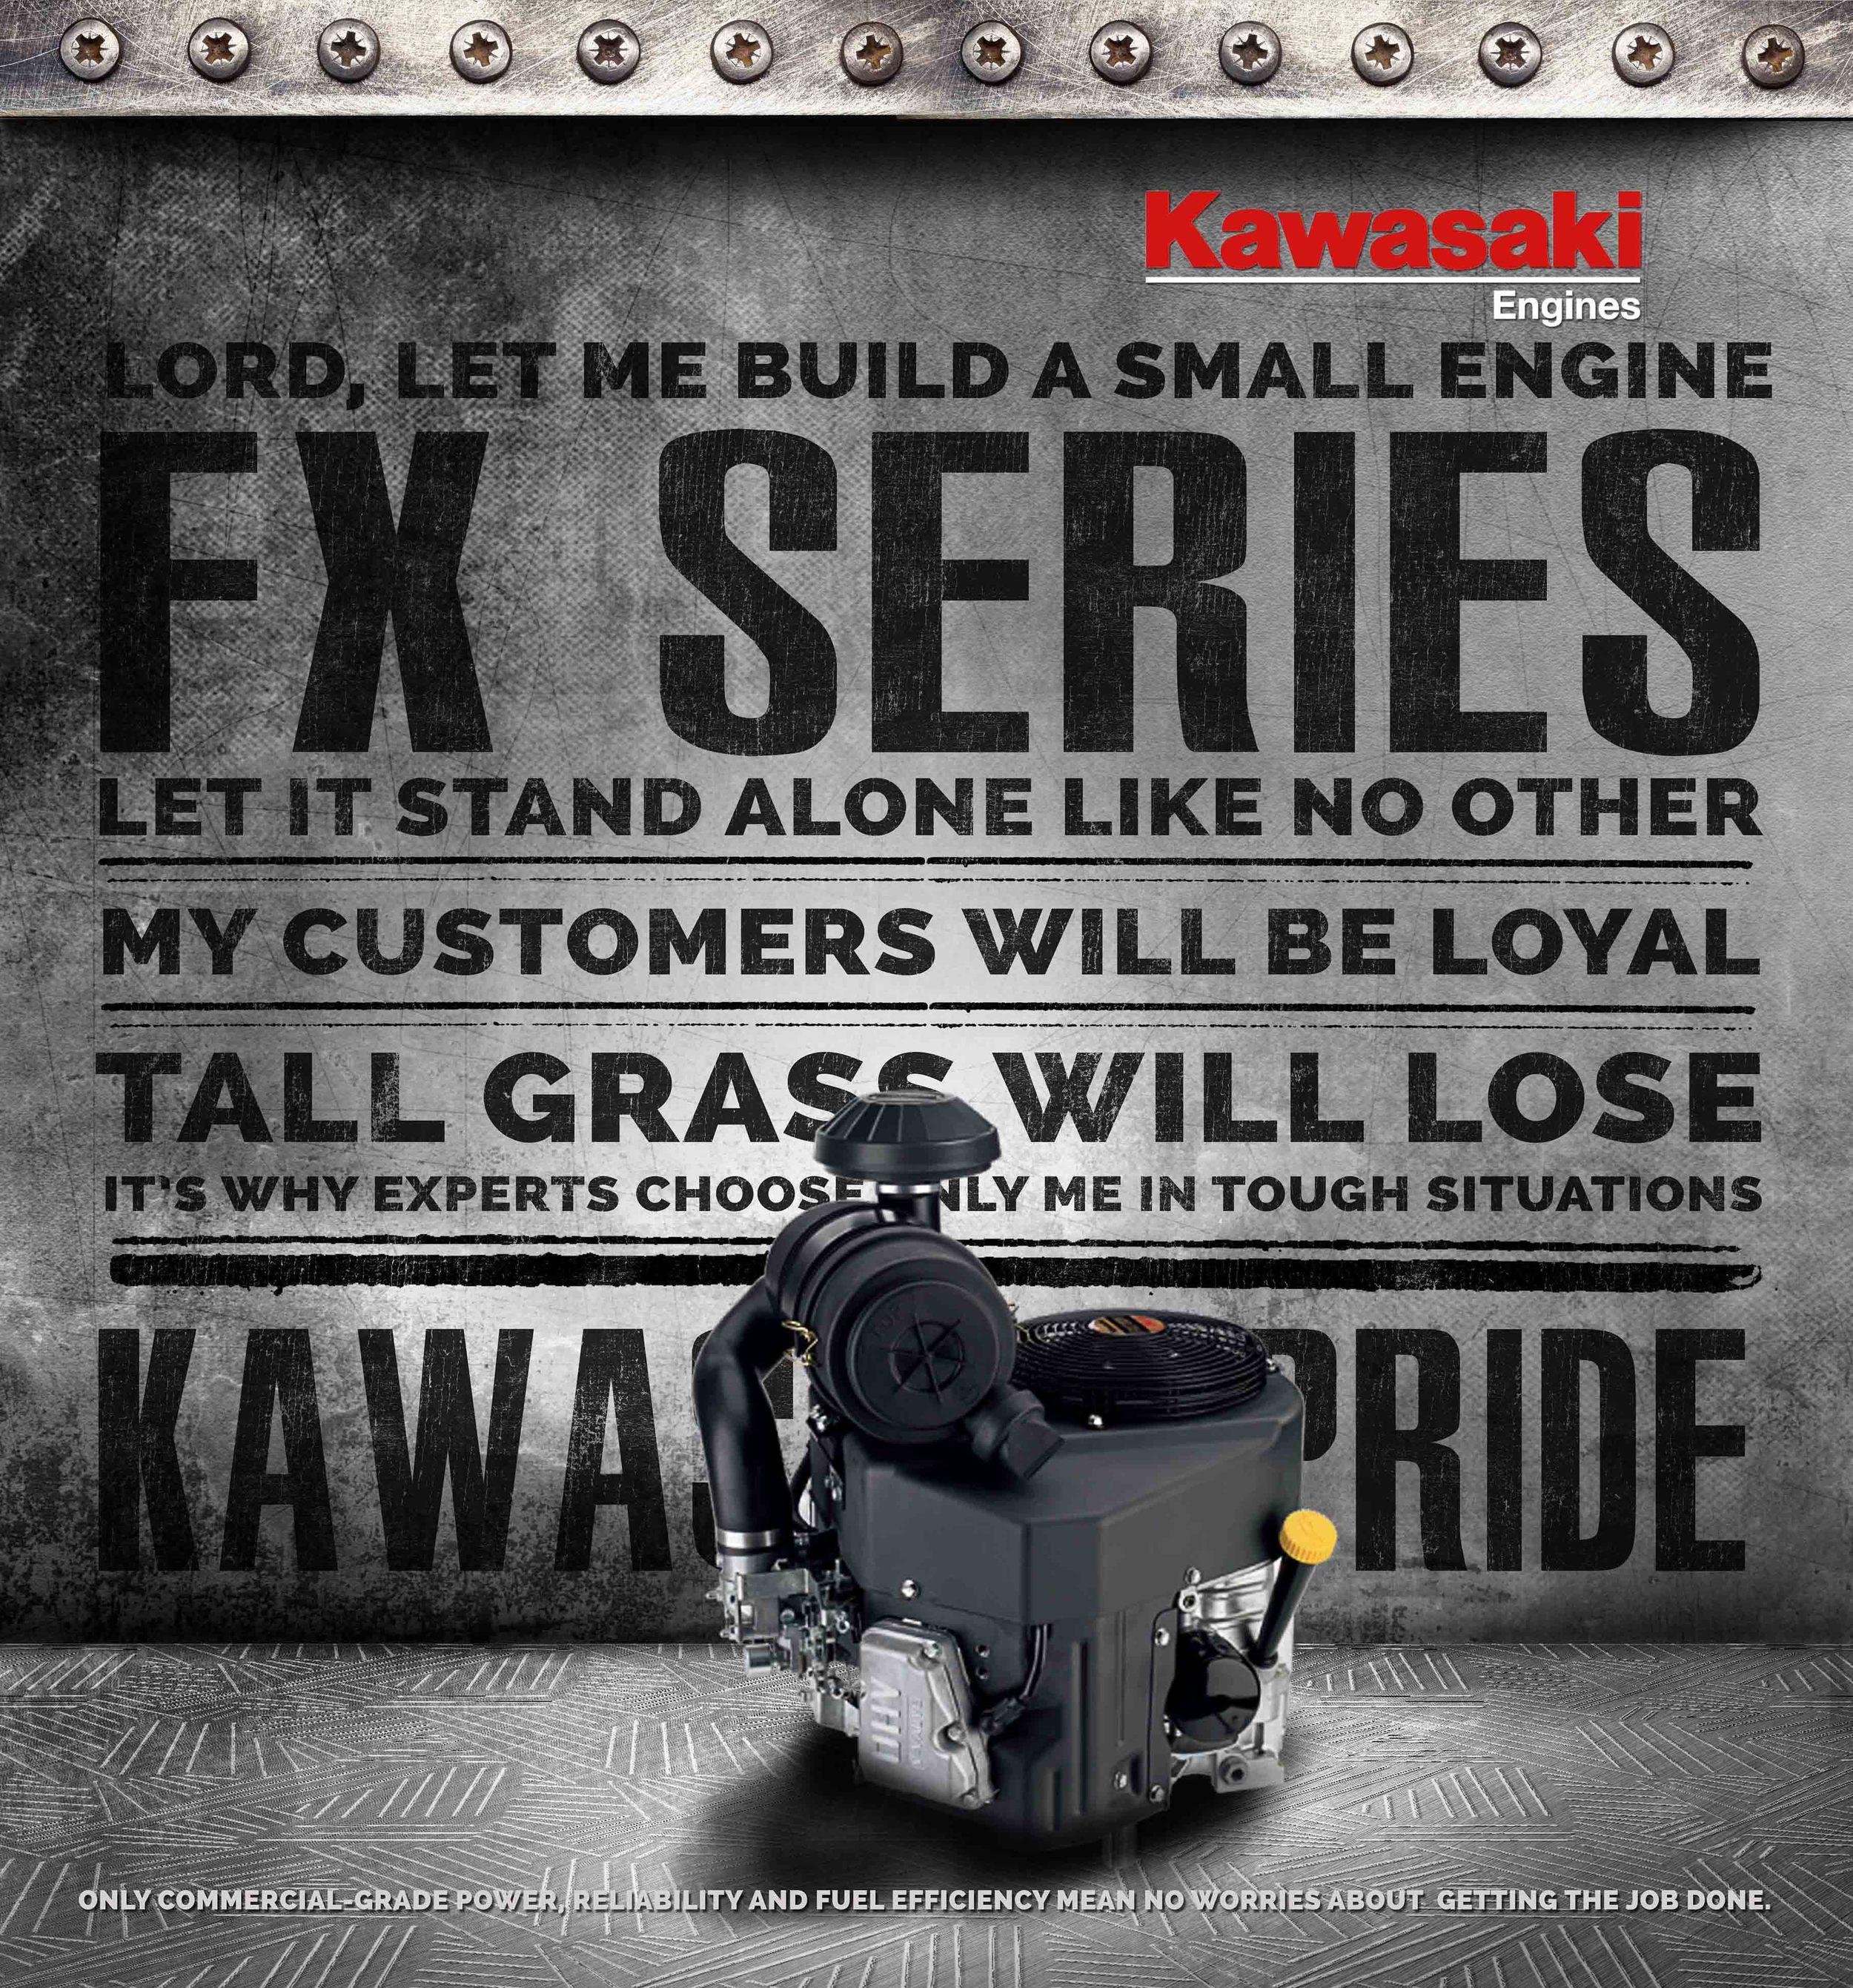 Kawasaki Engines Poster